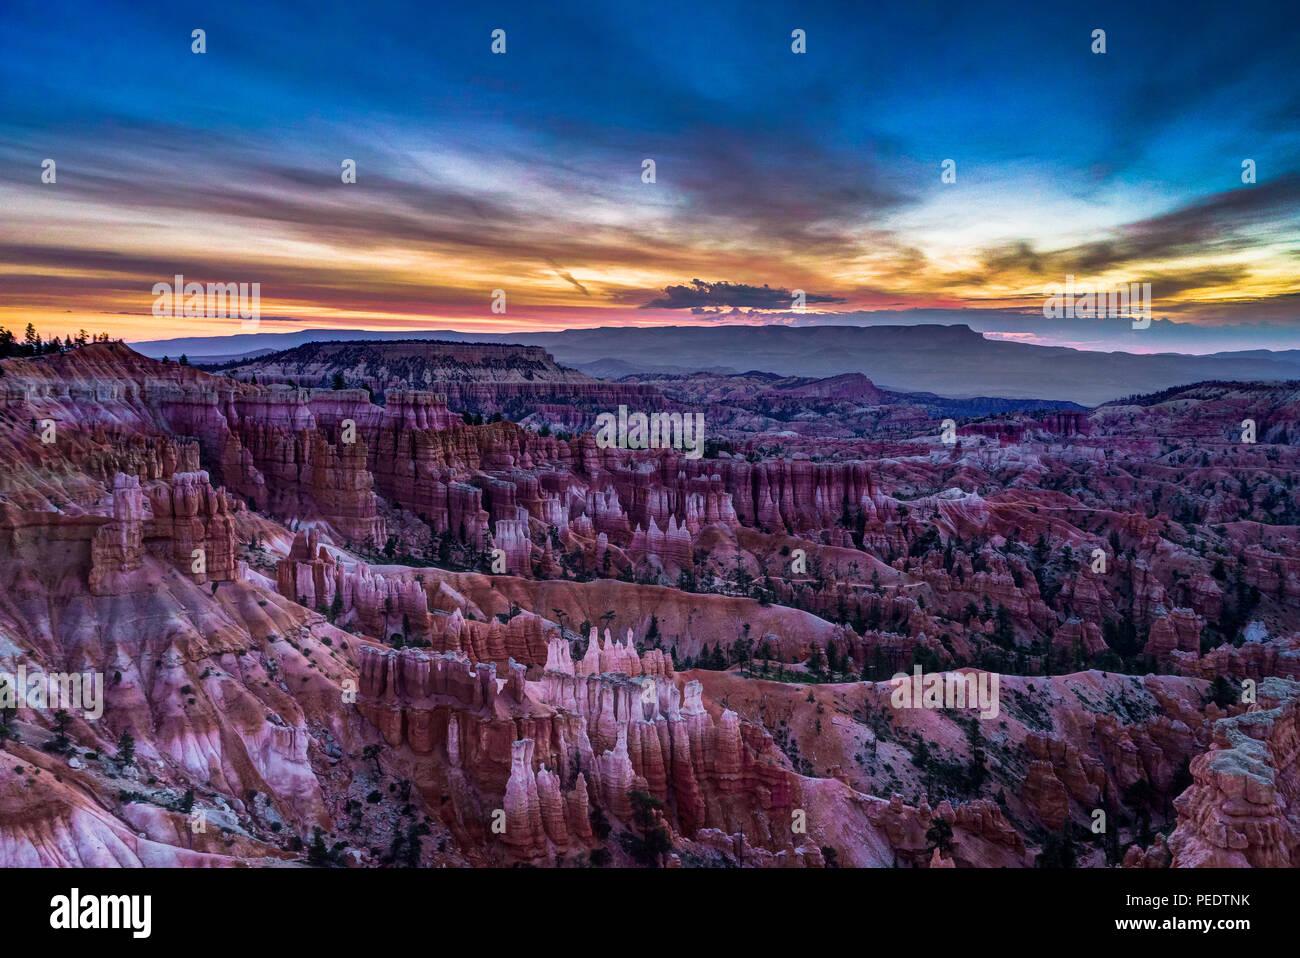 Foto bei Bryce Canyon in Utah, Vereinigte Staaten von Amerika übernommen. Stockbild